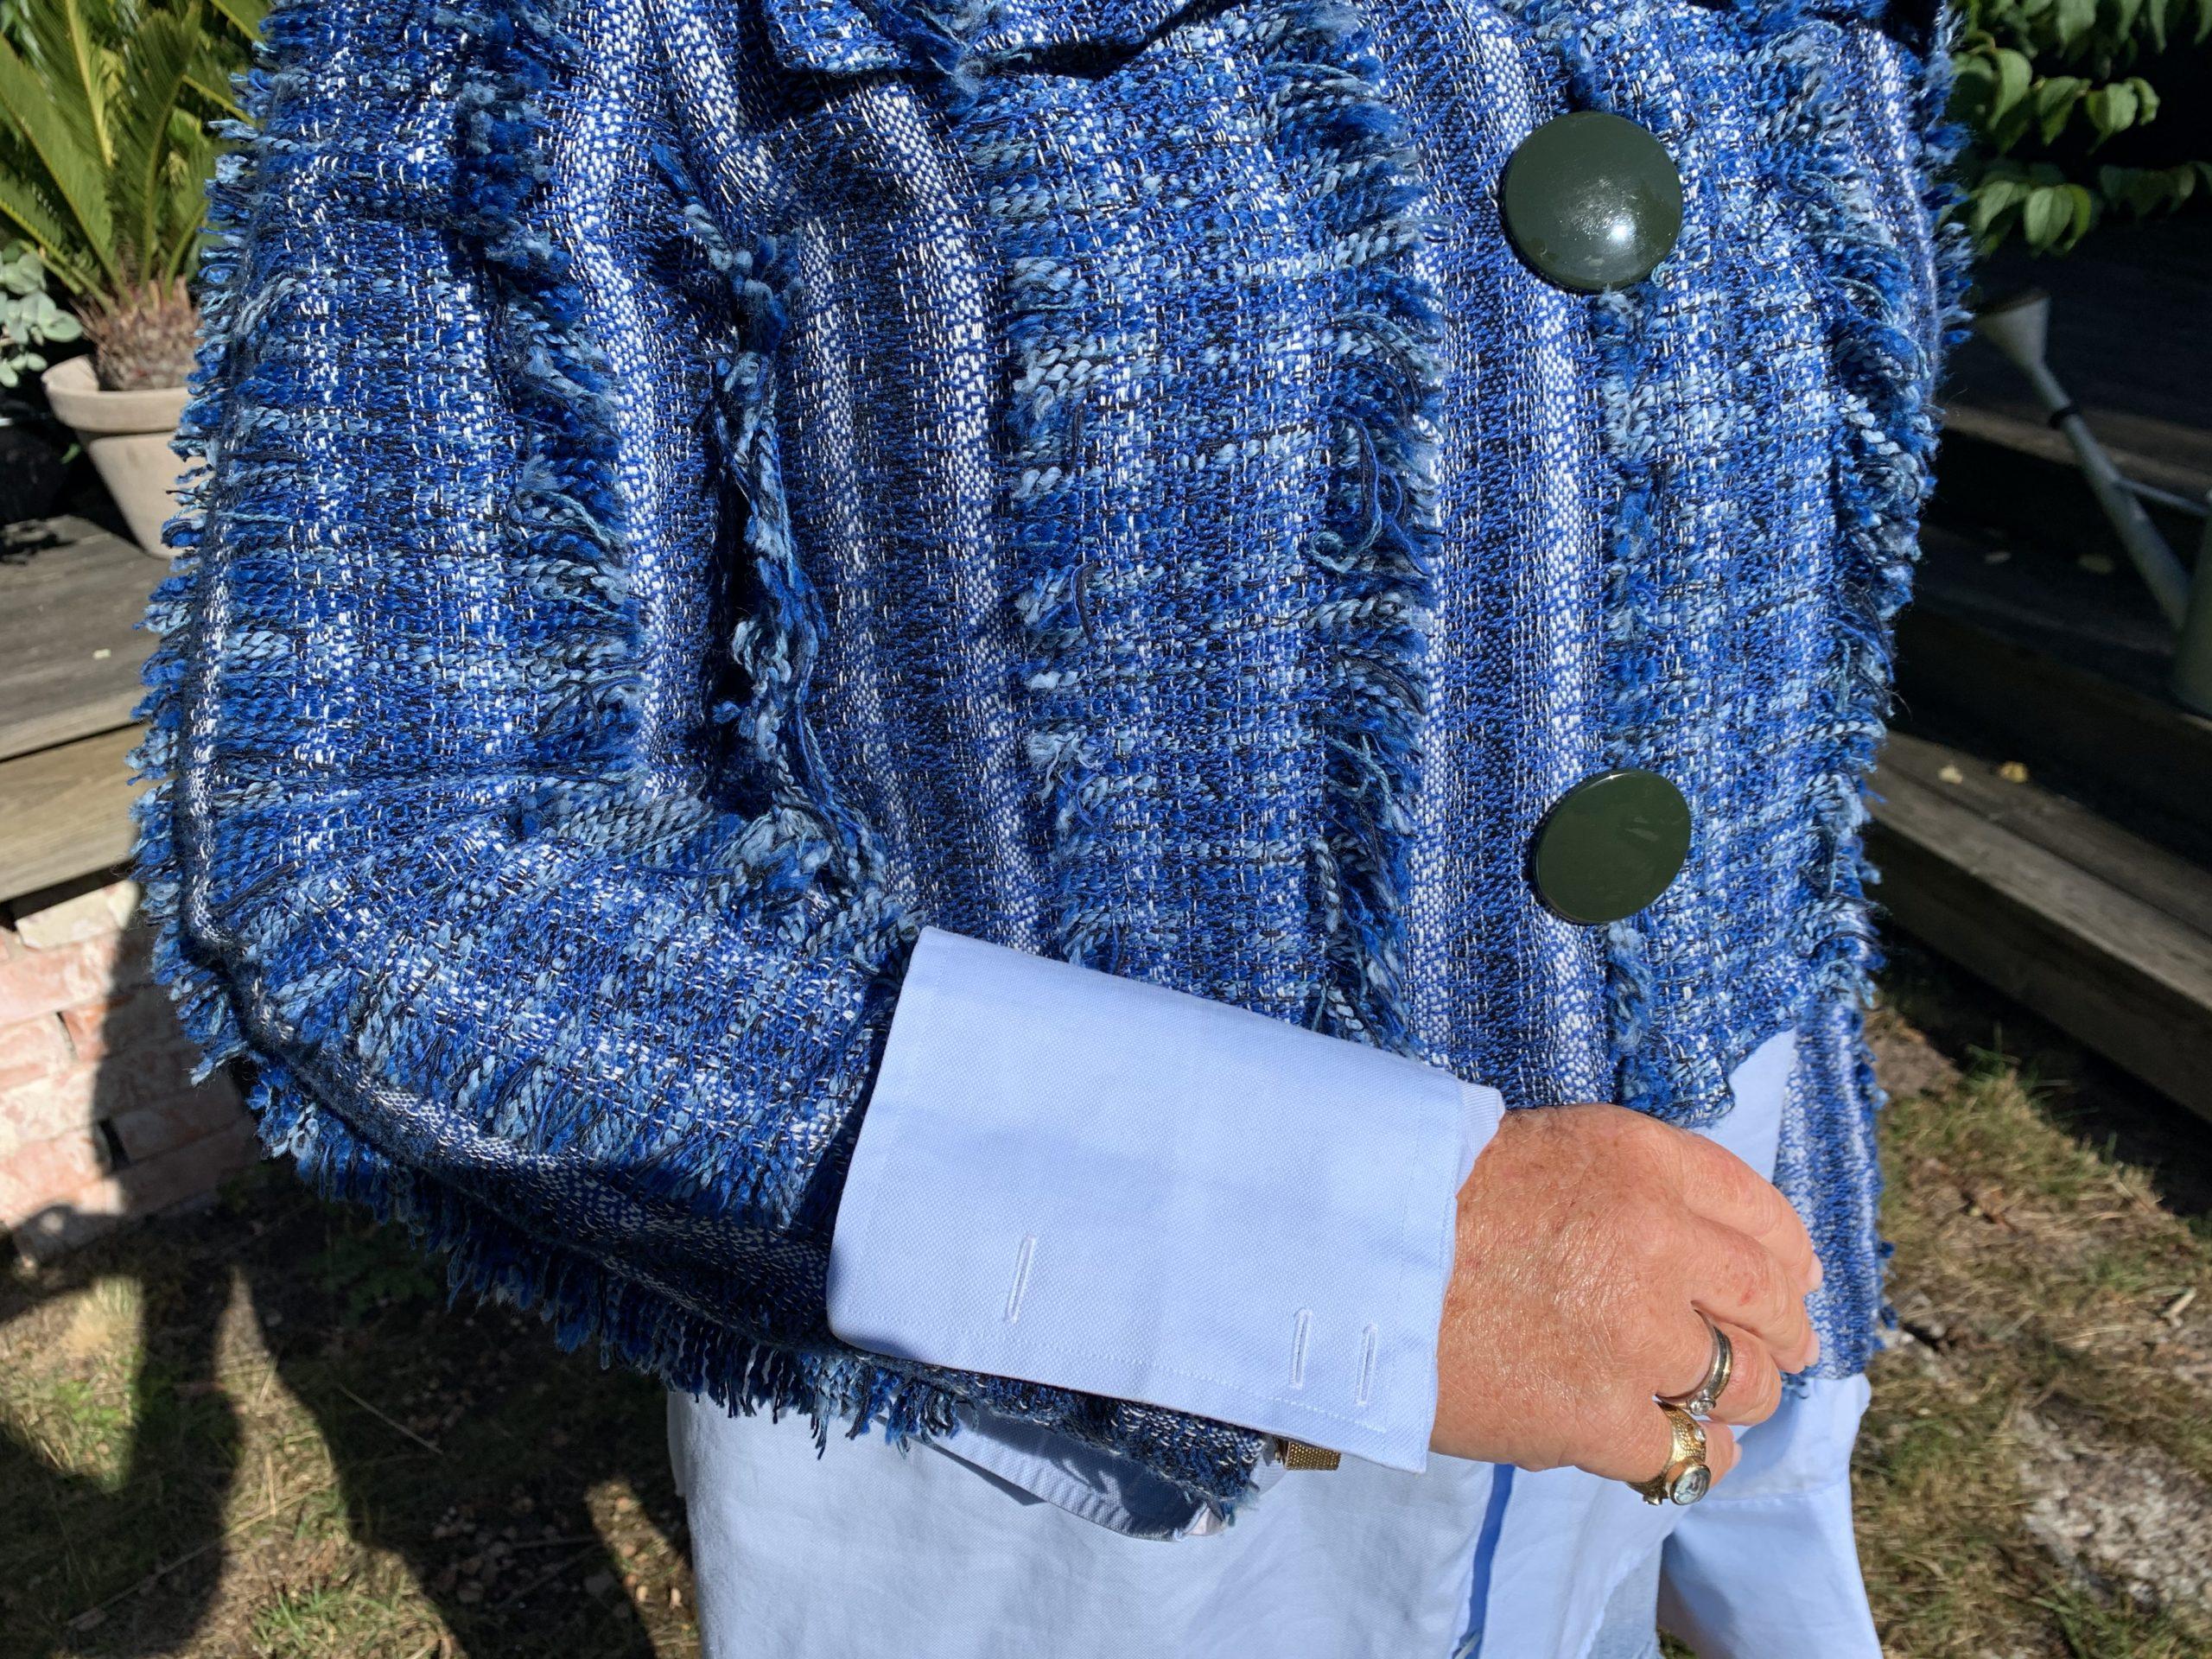 Stora manschetter på min ljusblå skjorta